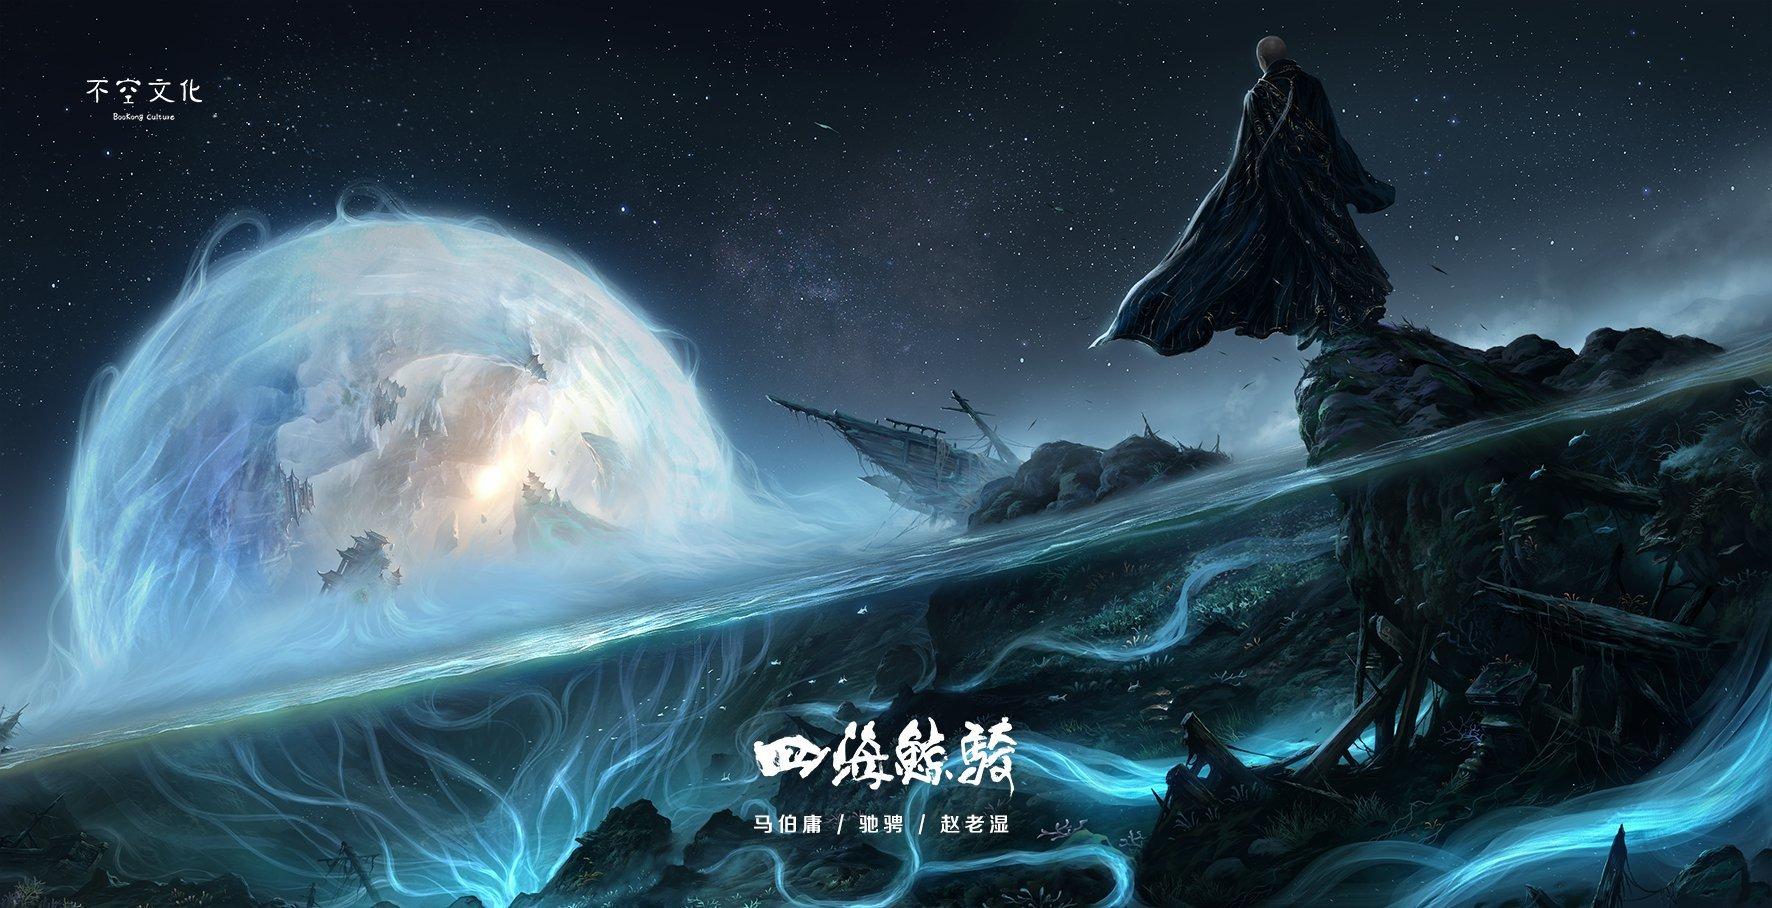 马伯庸长篇小说《四海鲸骑》改编成3D动画